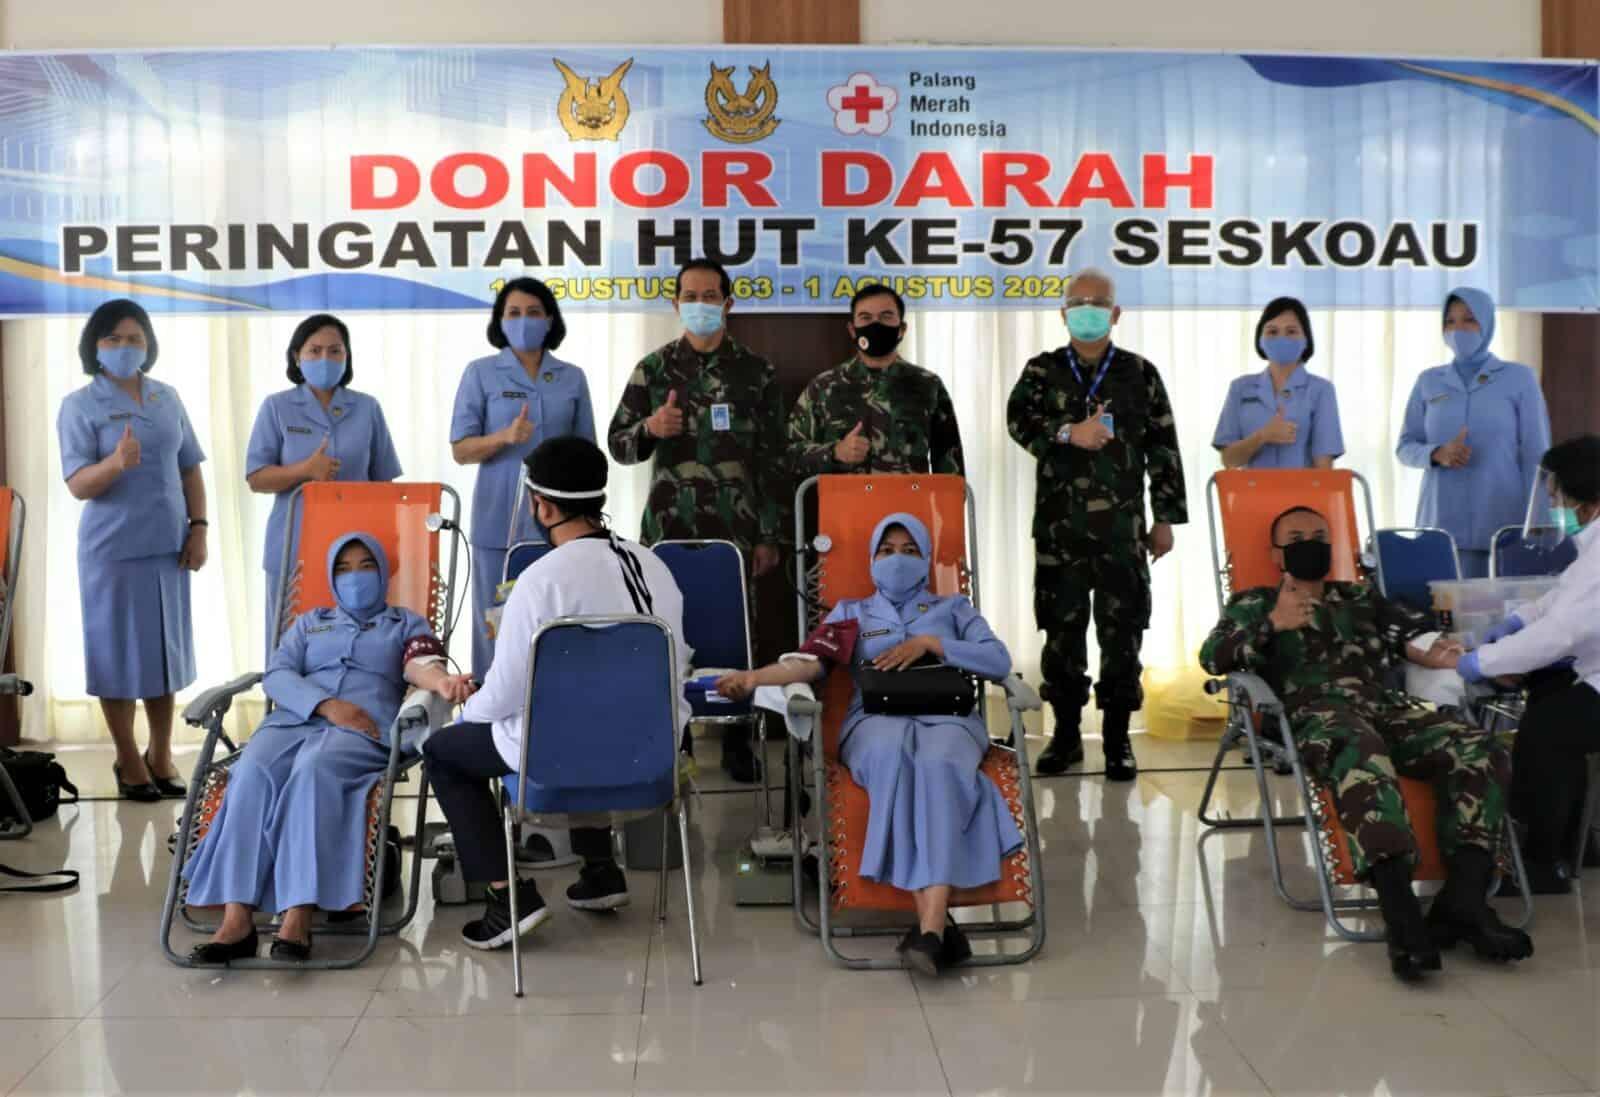 Seskoau Sumbang 104 Kantong Darah Untuk PMI